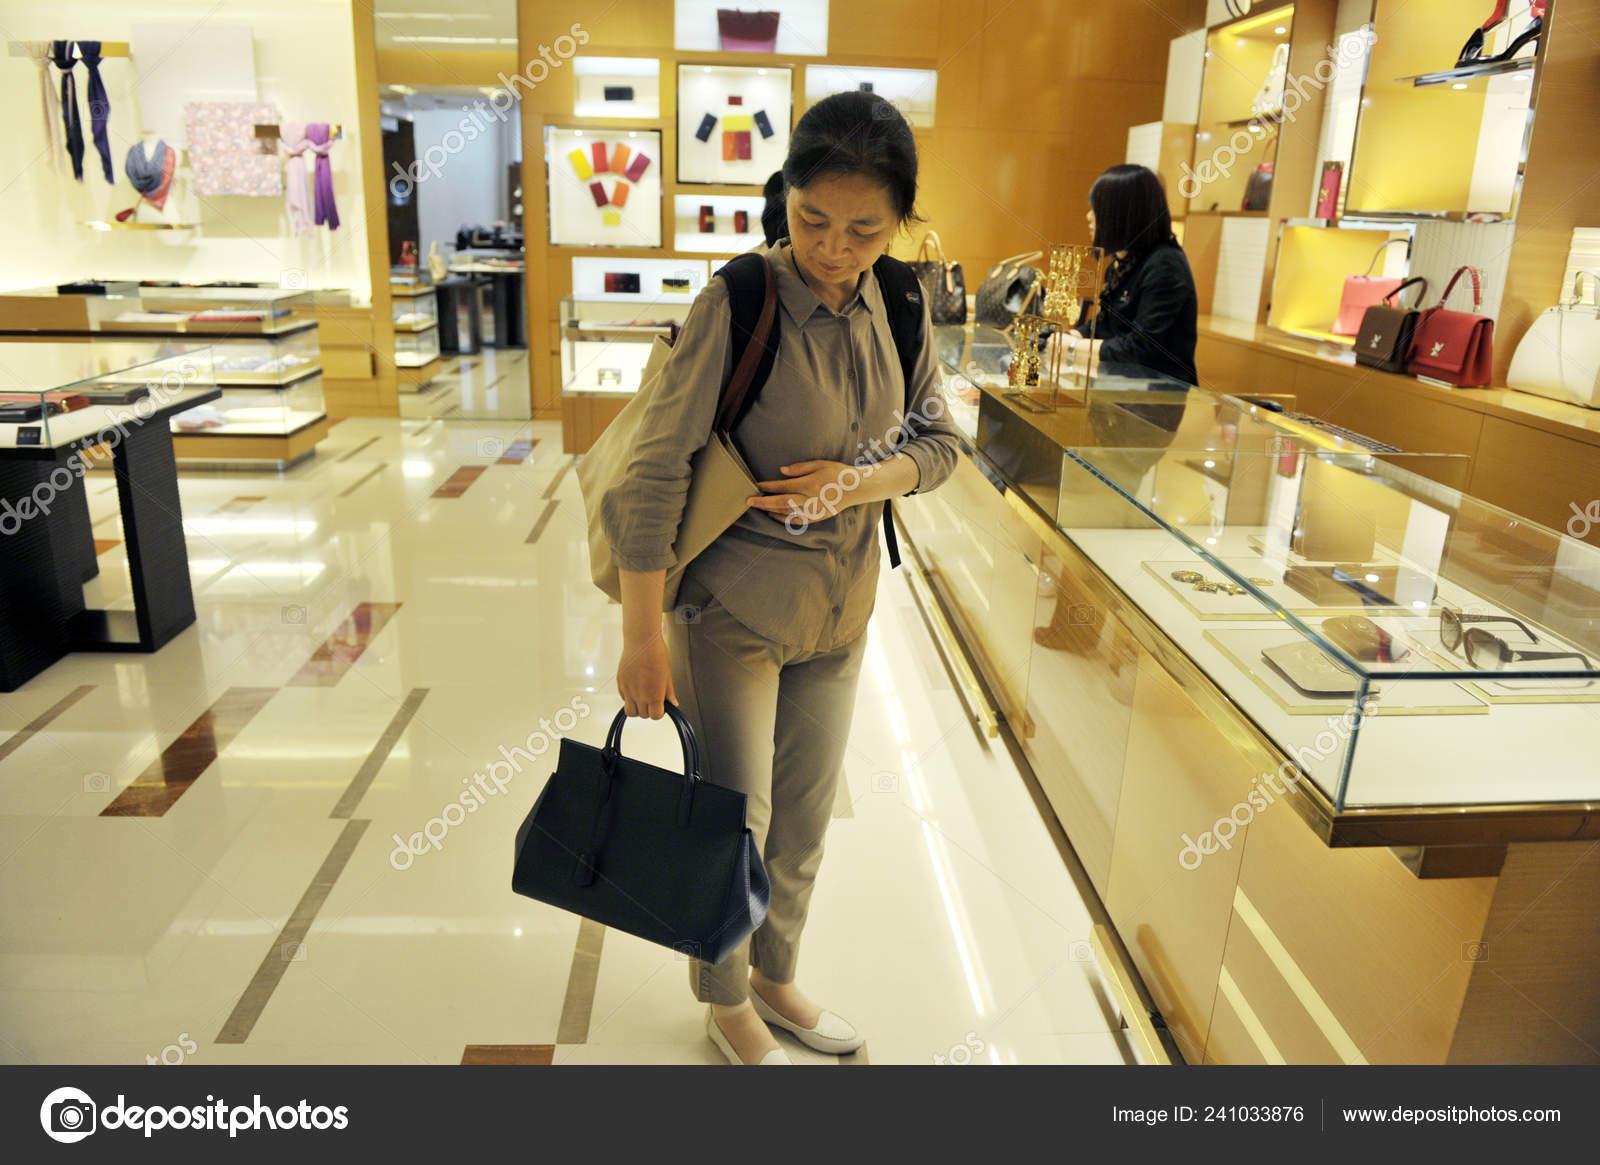 576a001fa Archivo--una tiendas de cliente para un bolso en la tienda de moda de Louis  Vuitton (Lv) en un centro comercial en la ciudad de Nanjing, provincia de  ...